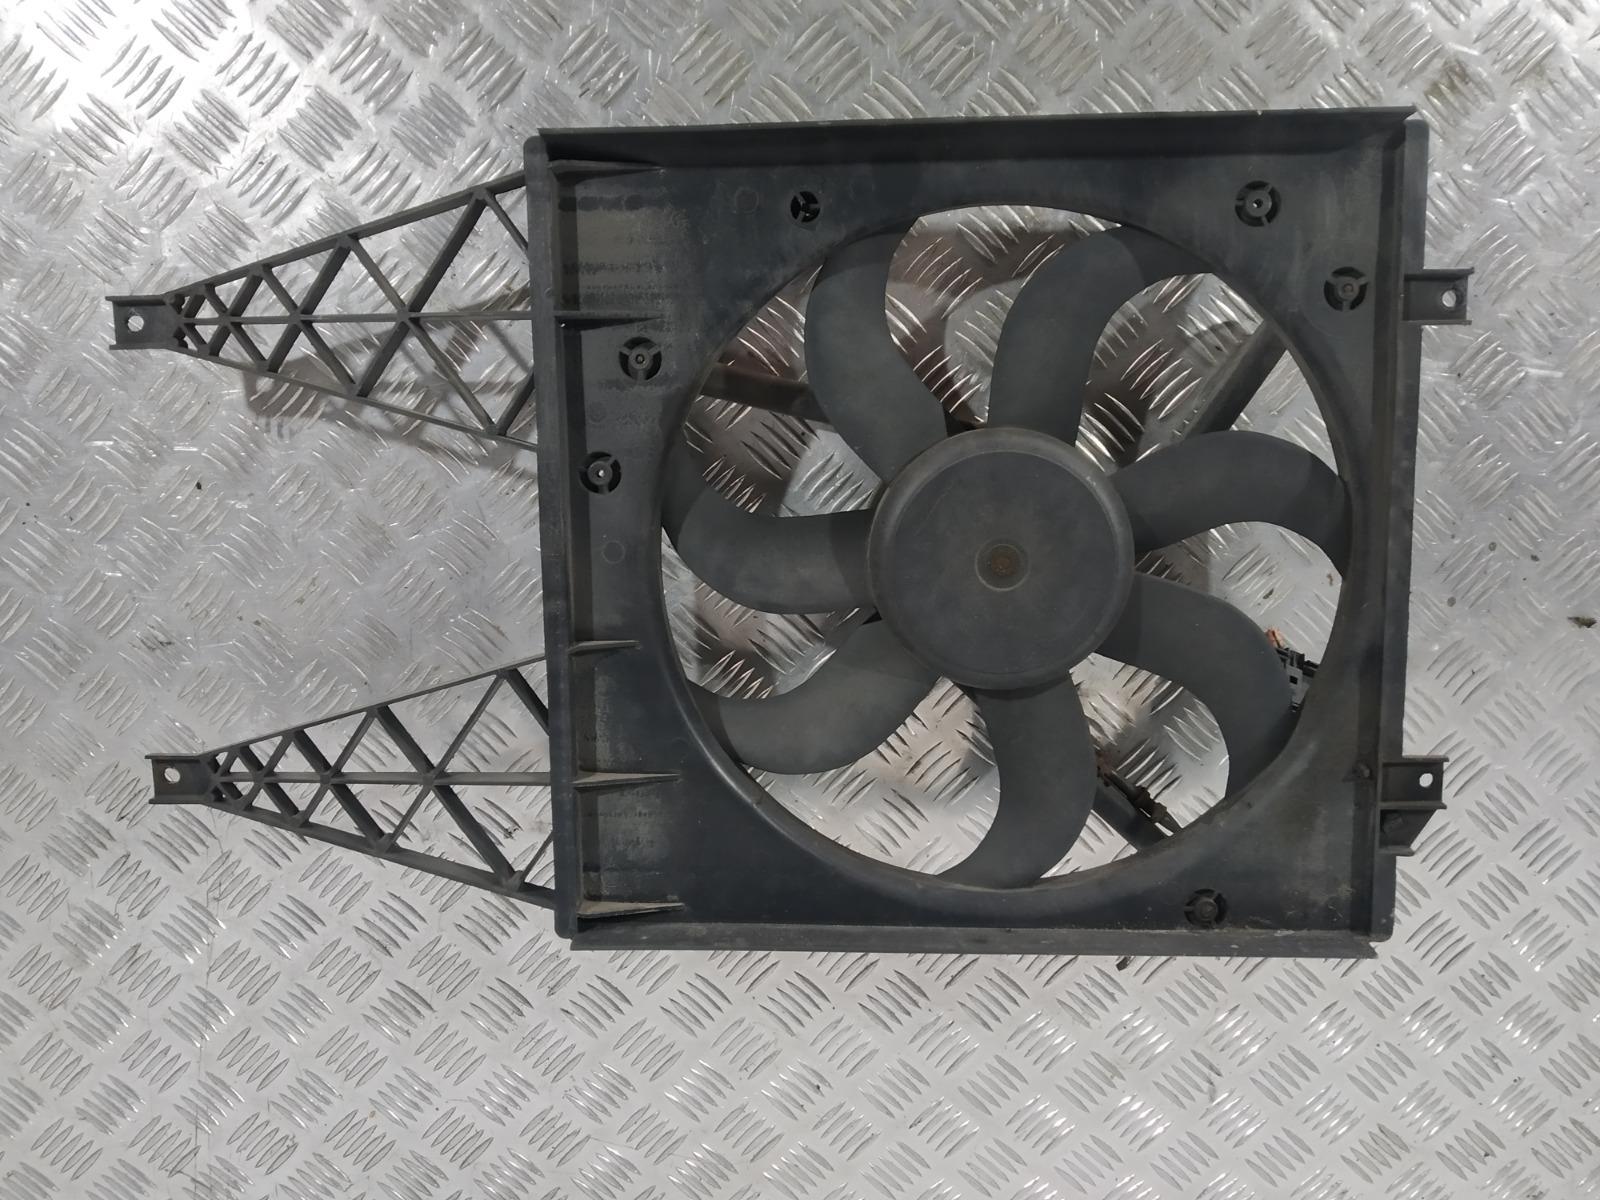 Вентилятор радиатора Seat Ibiza 1.4 I 2006 (б/у)